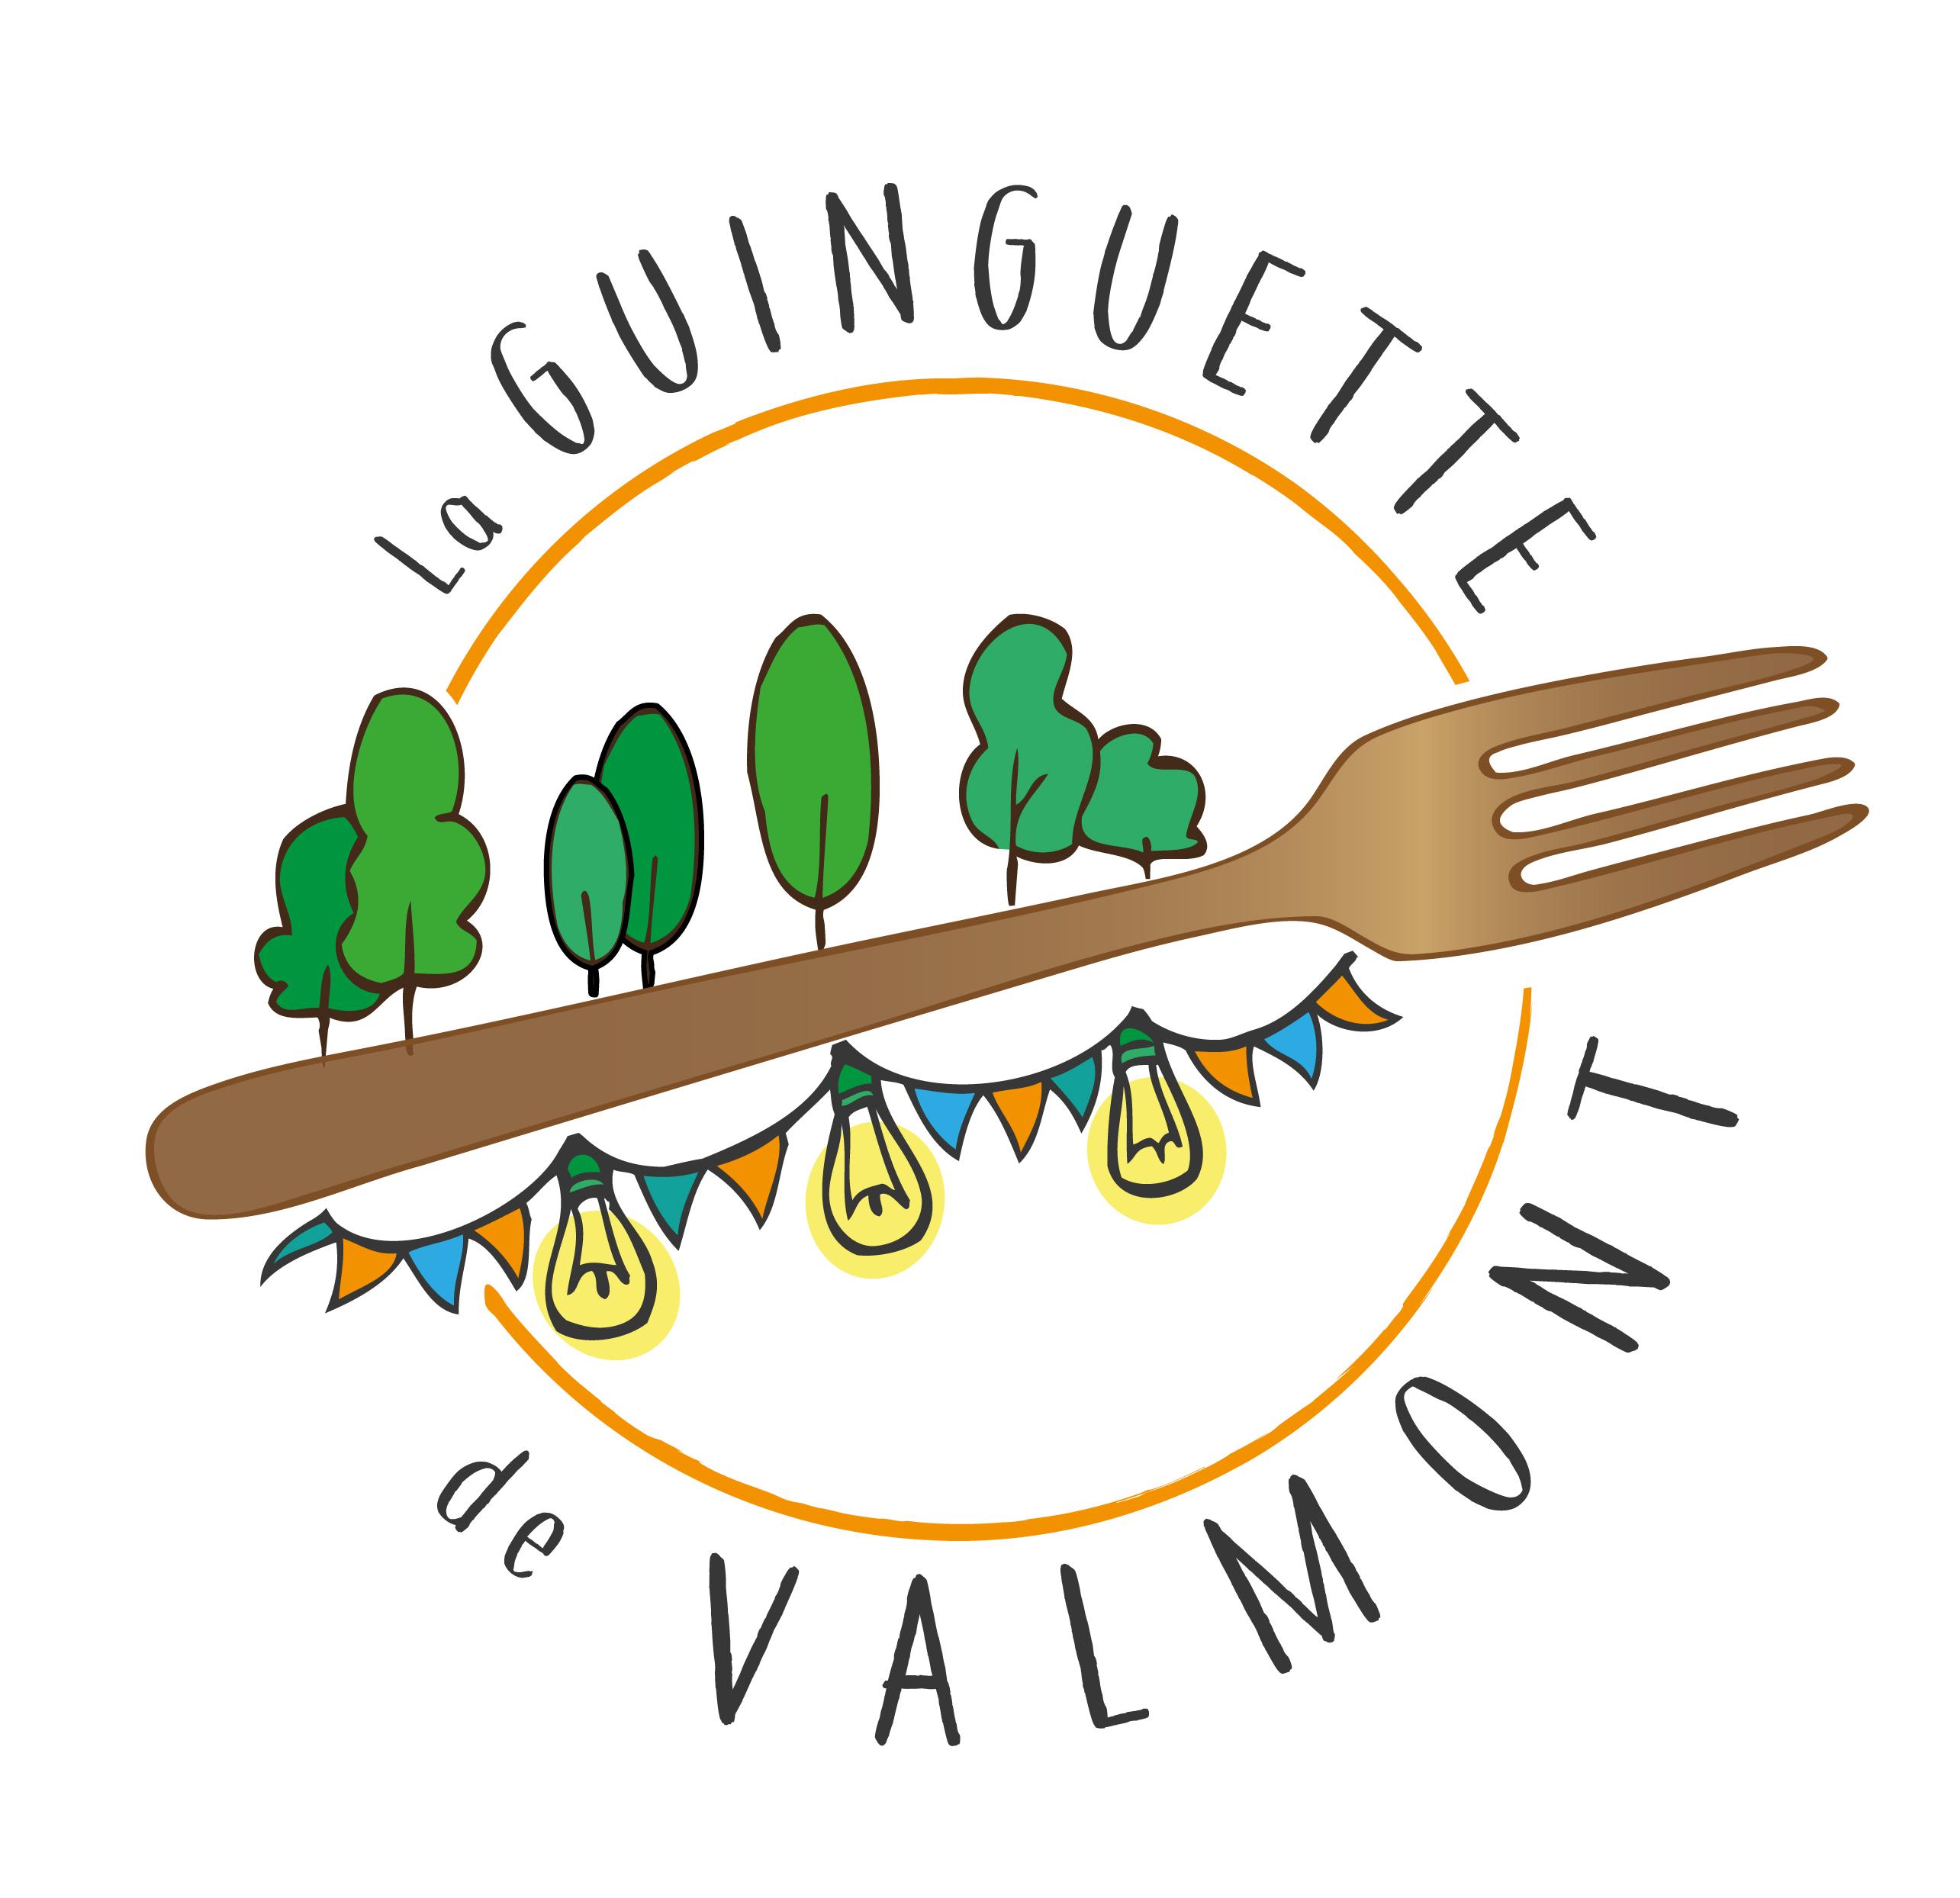 Logo LA GUINGUETTE DE VALMONT